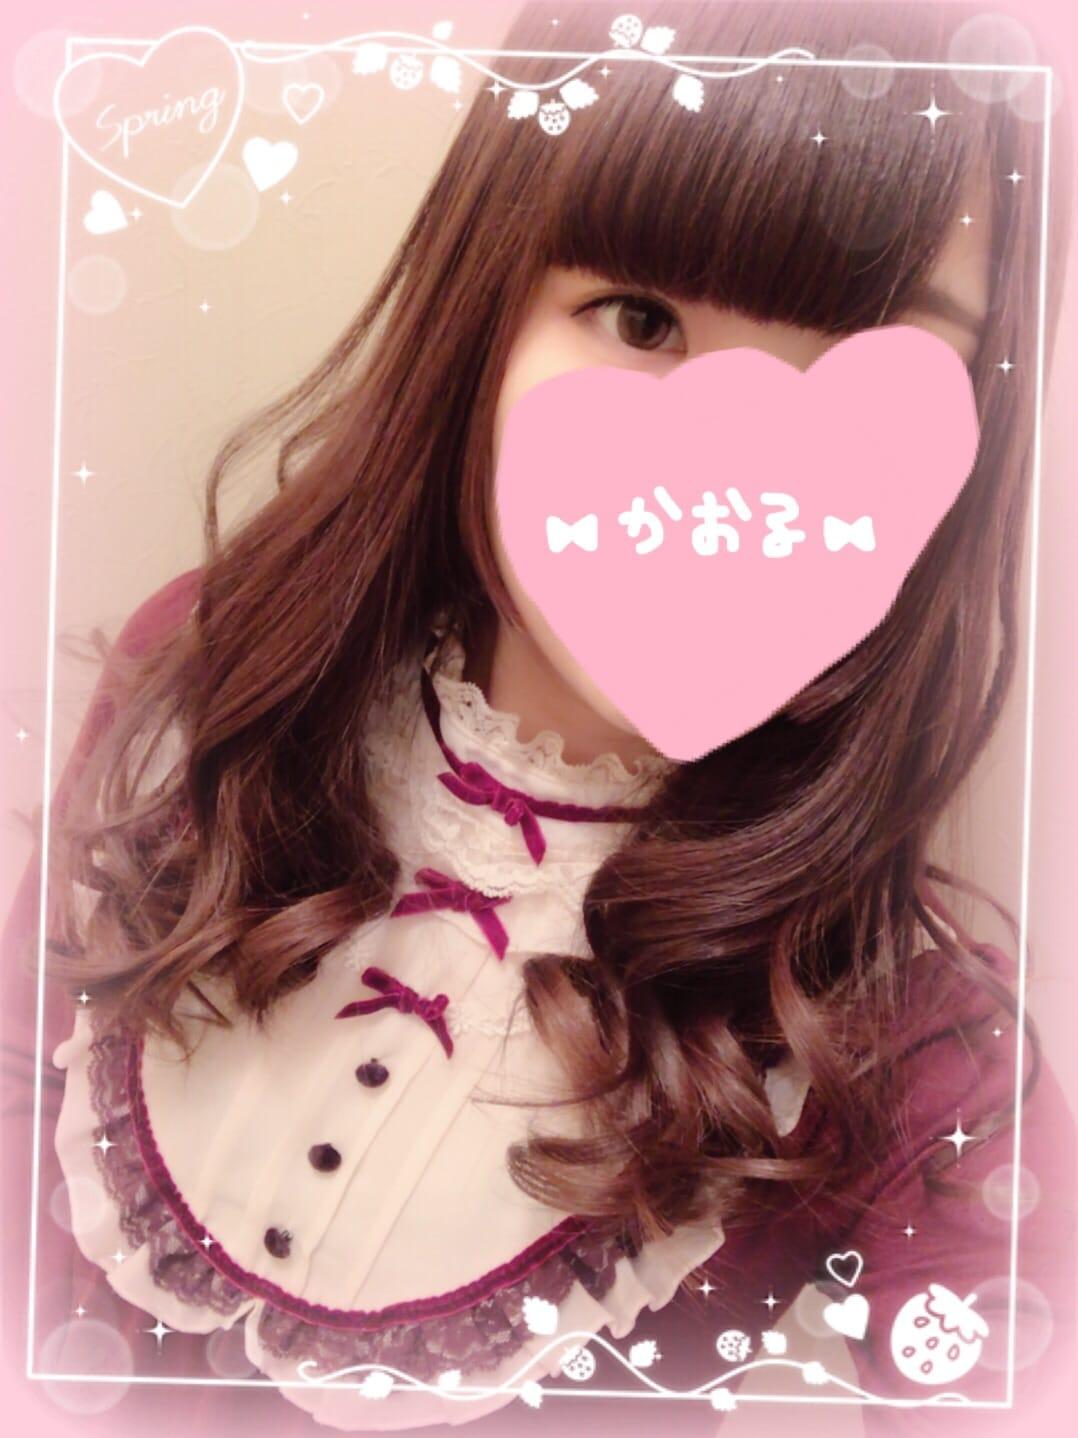 「* おはよう」04/20(04/20) 13:06 | 薫の写メ・風俗動画